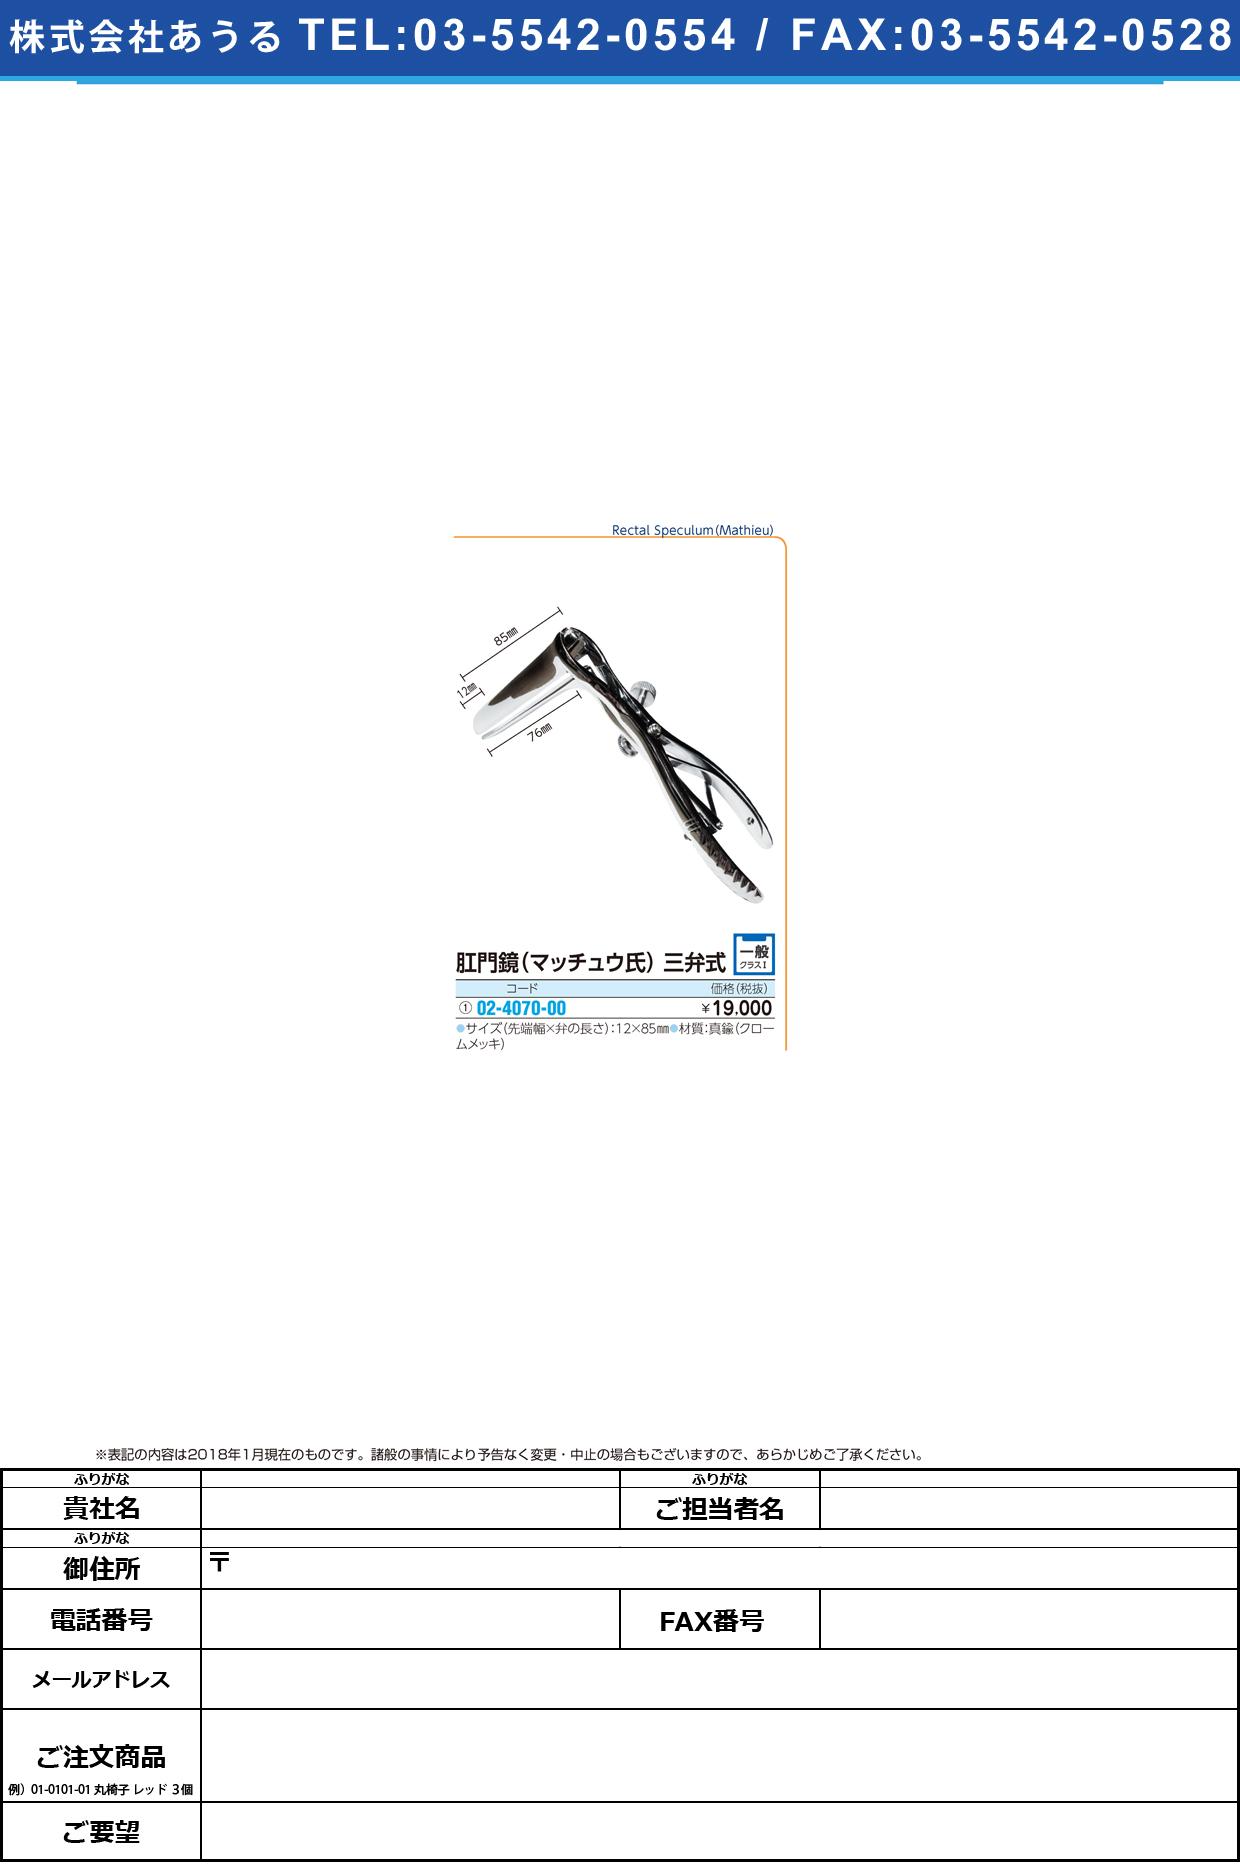 (02-4070-00)肛門鏡(マッチュウ氏)三弁式 12X85MM コウモンキョウマッチウシ【1個単位】【2018年カタログ商品】